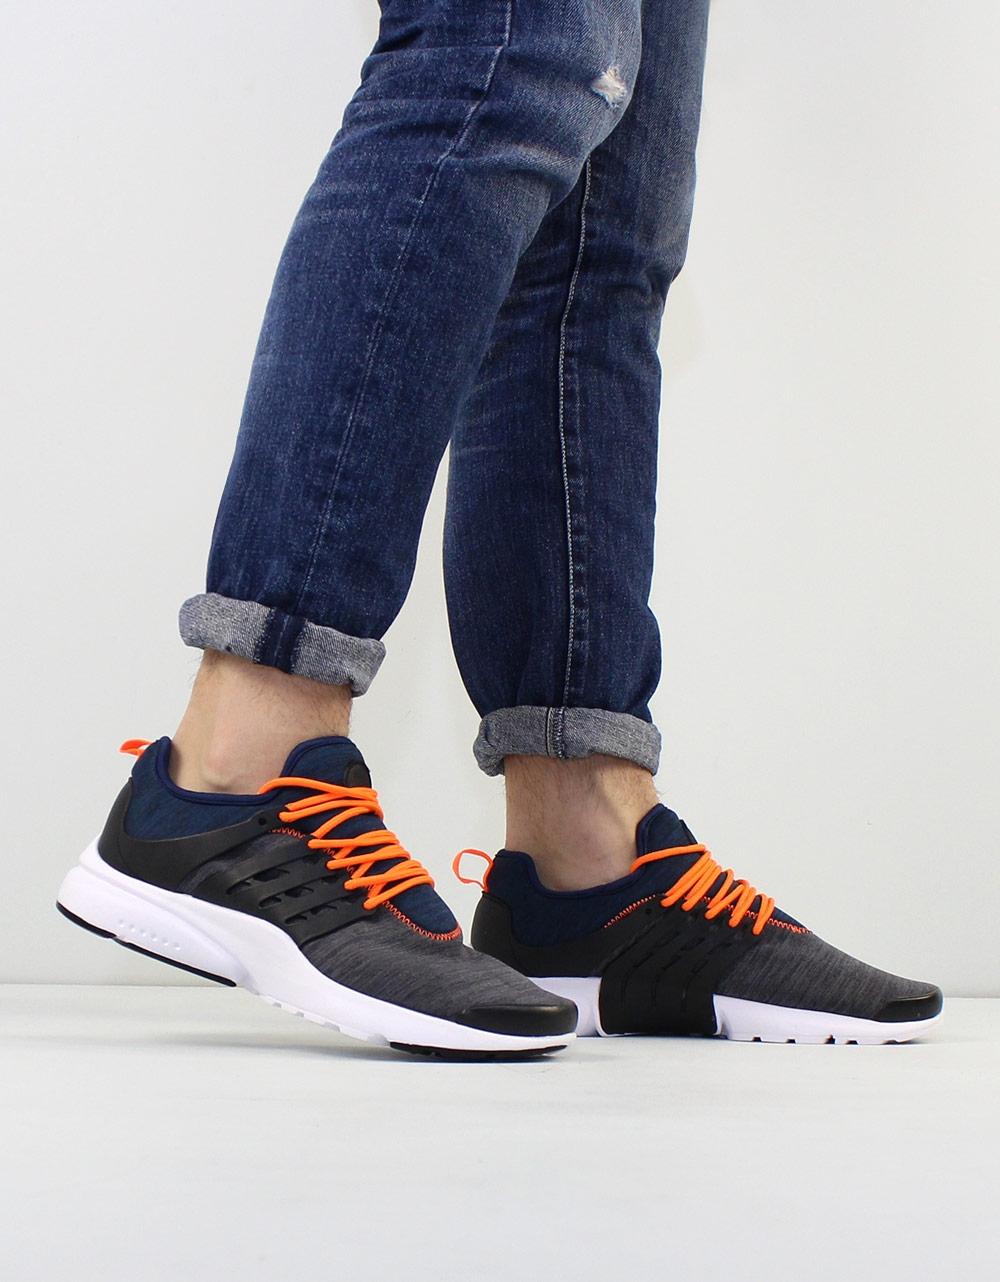 Εικόνα από Ανδρικά sneakers πολύχρωμα Γκρι